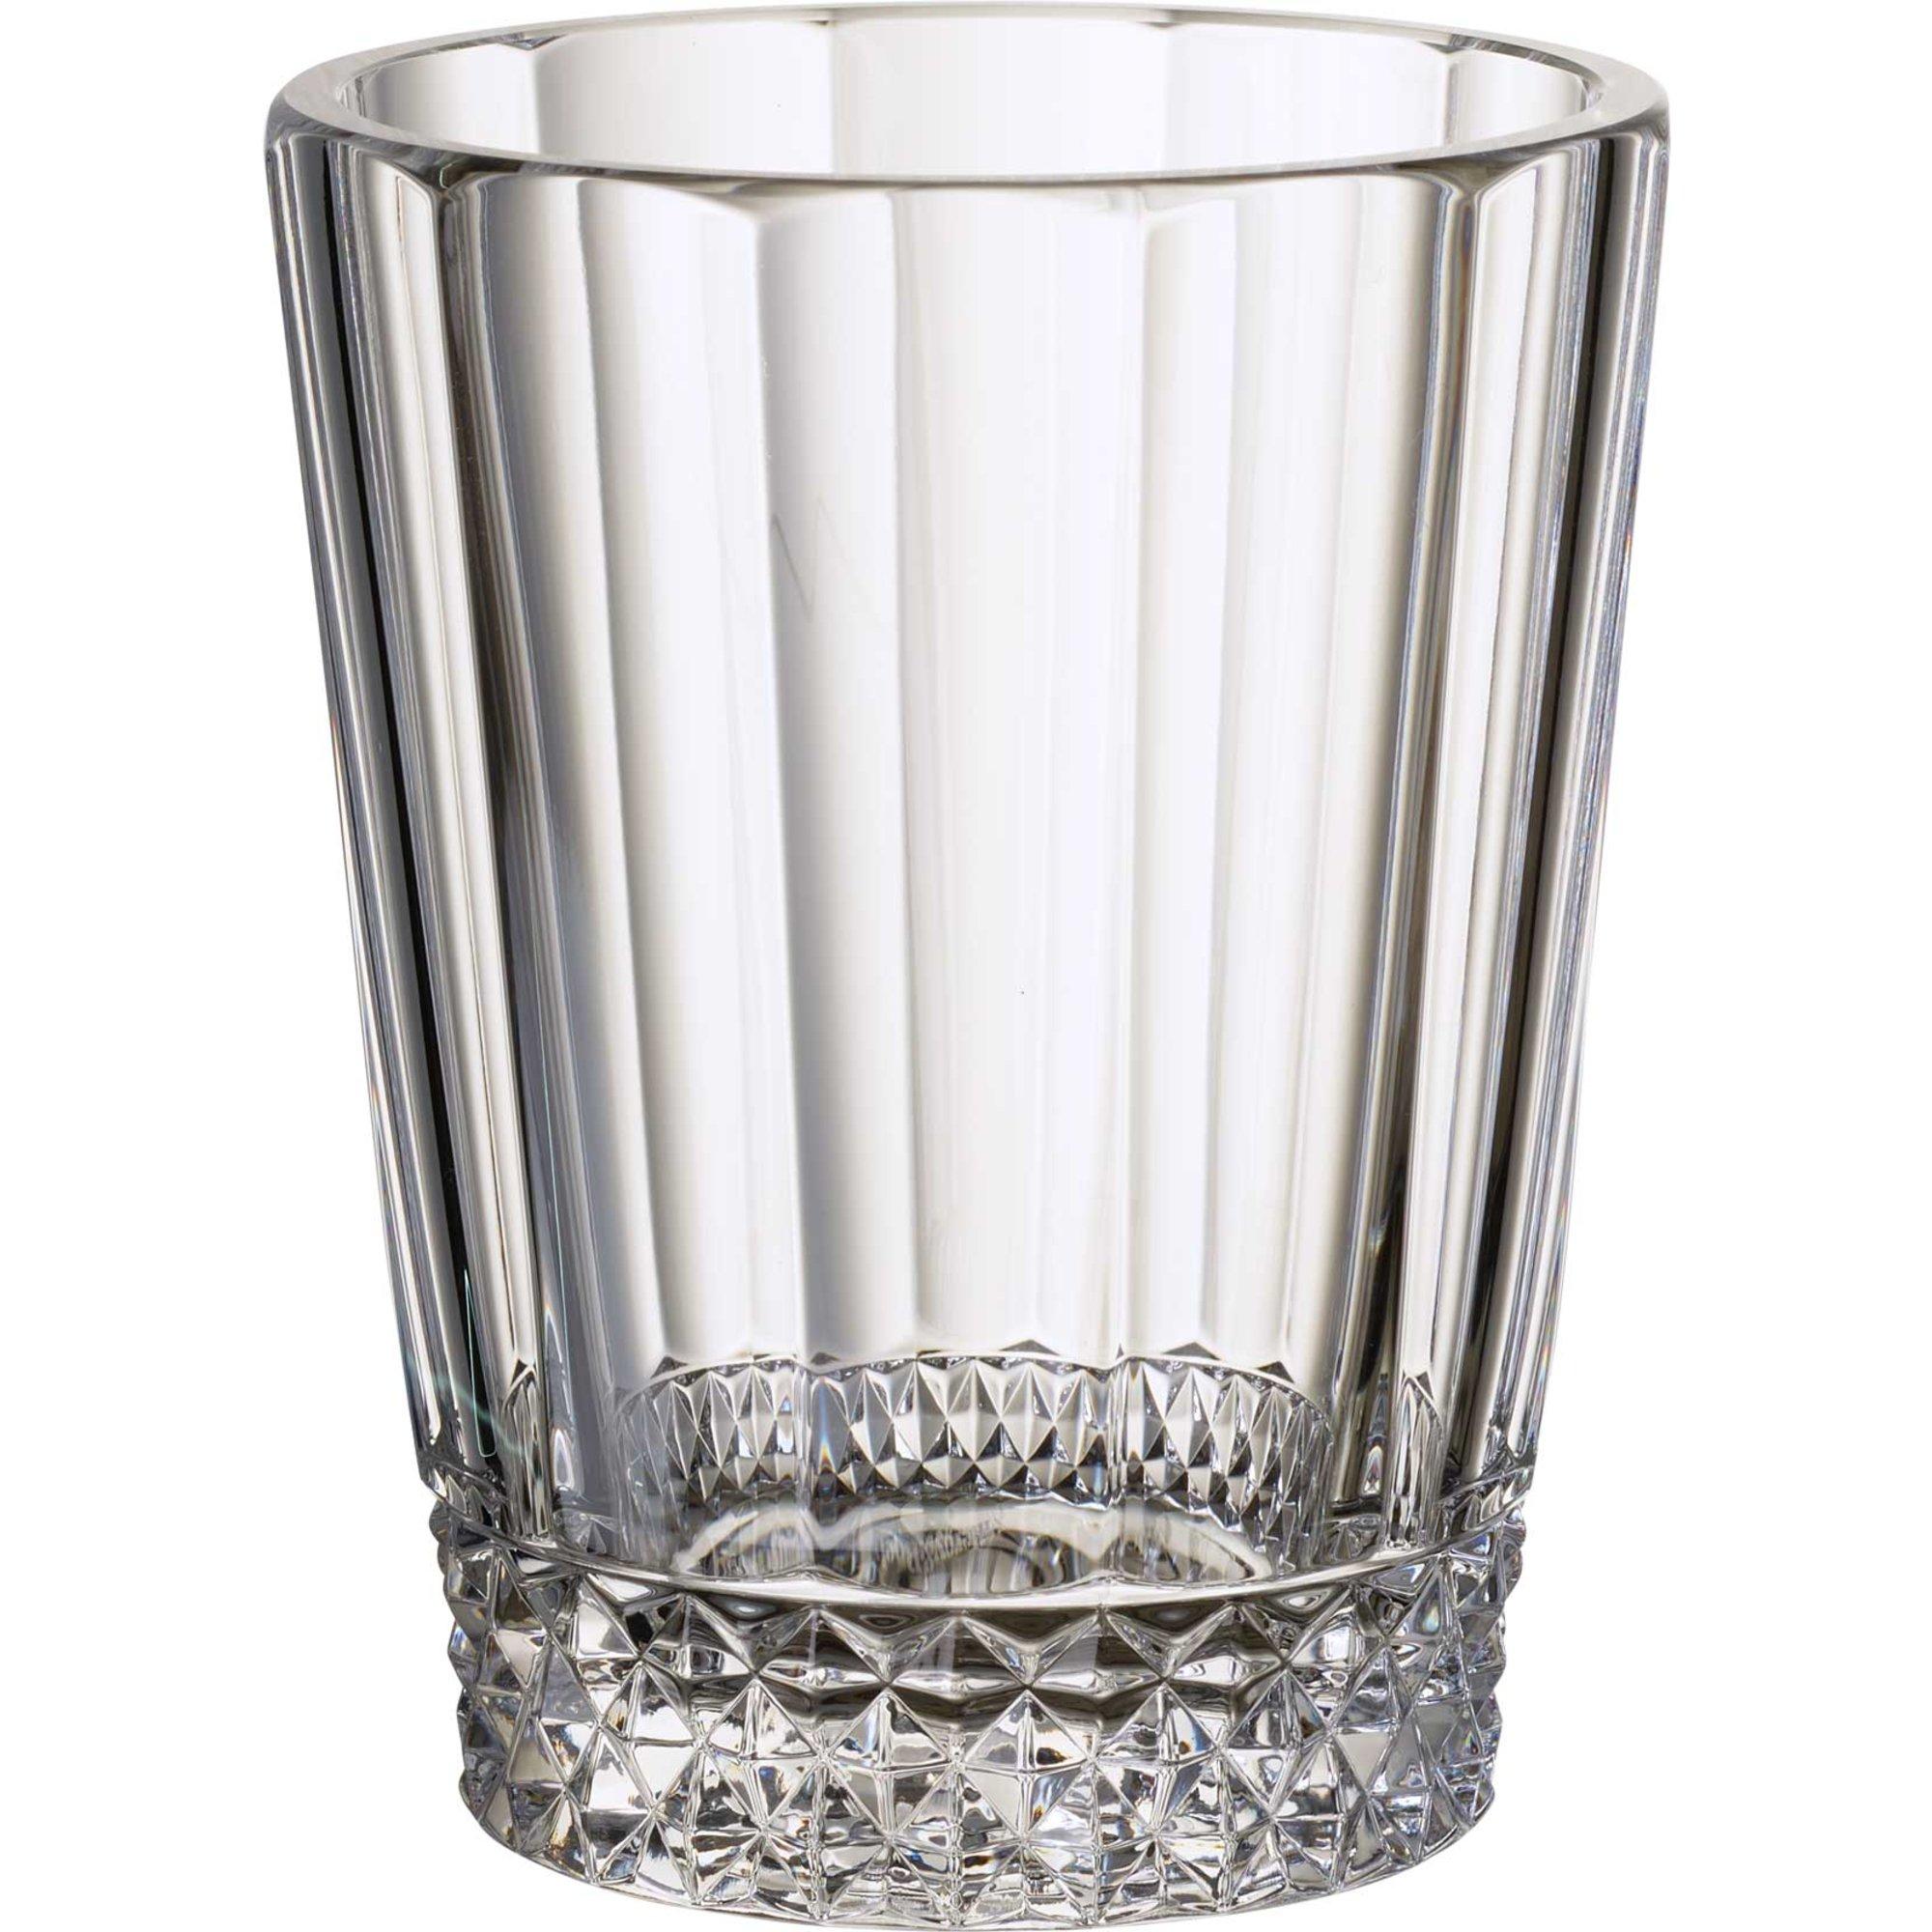 Villeroy & Boch Opera Vattenglas 4-pack